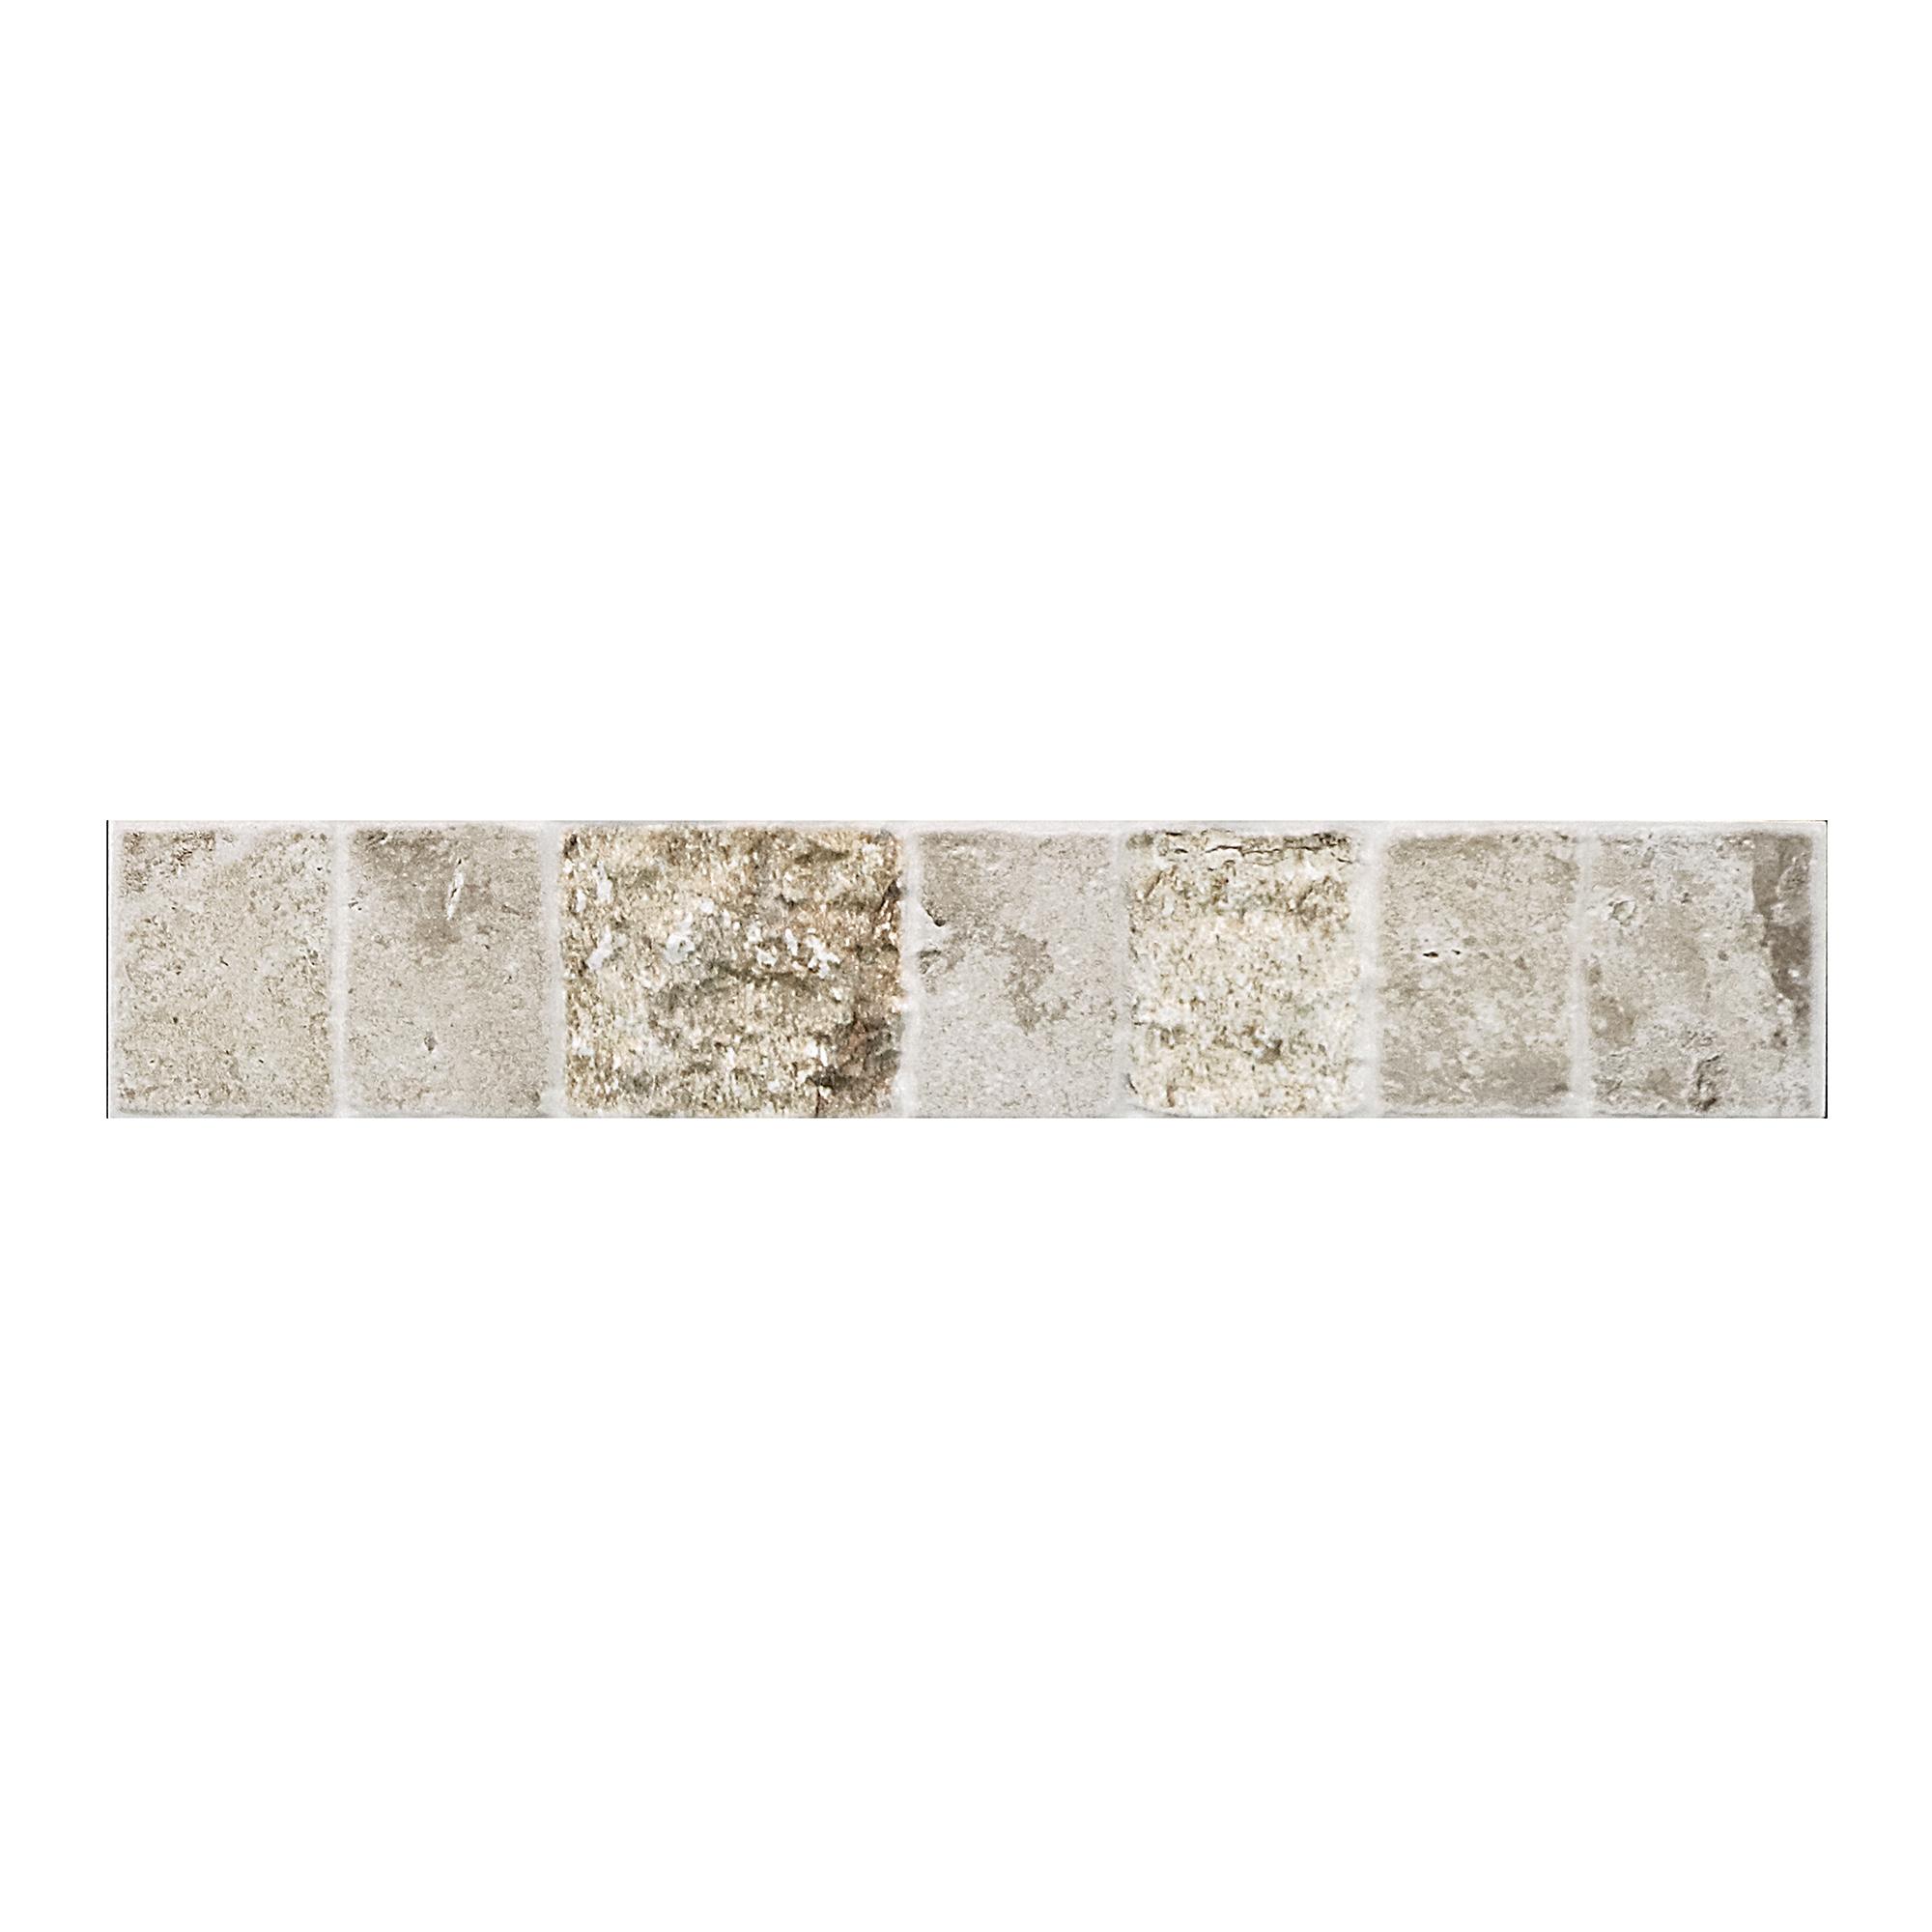 Плитка настенная Oset tesla beige 8x44.25 упаковка24